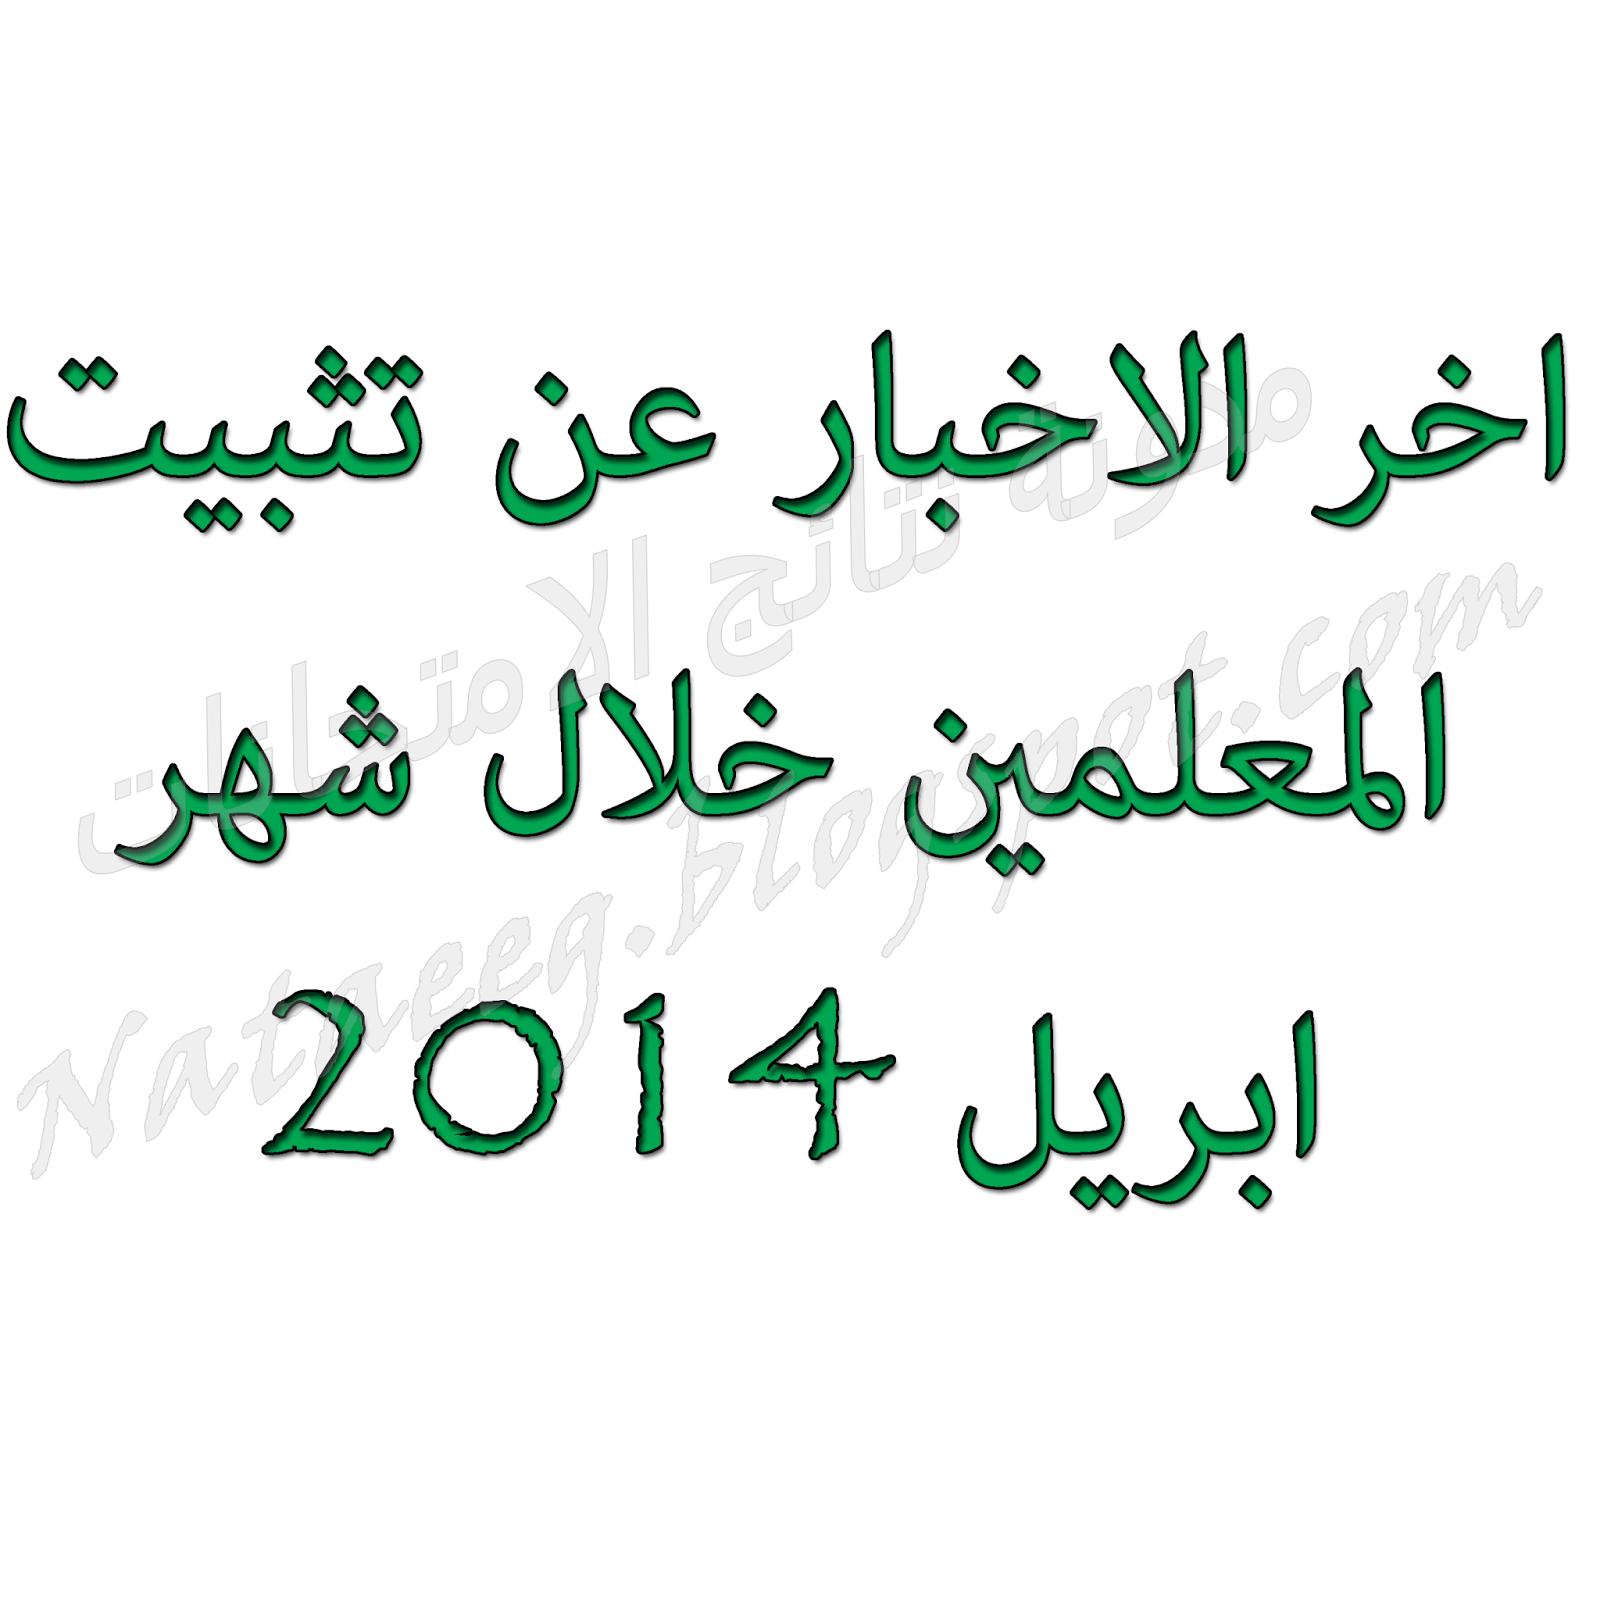 اخر الاخبار عن تثبيت المعلمين المتعاقدين فى شهر ابريل 2014 التفاصيل